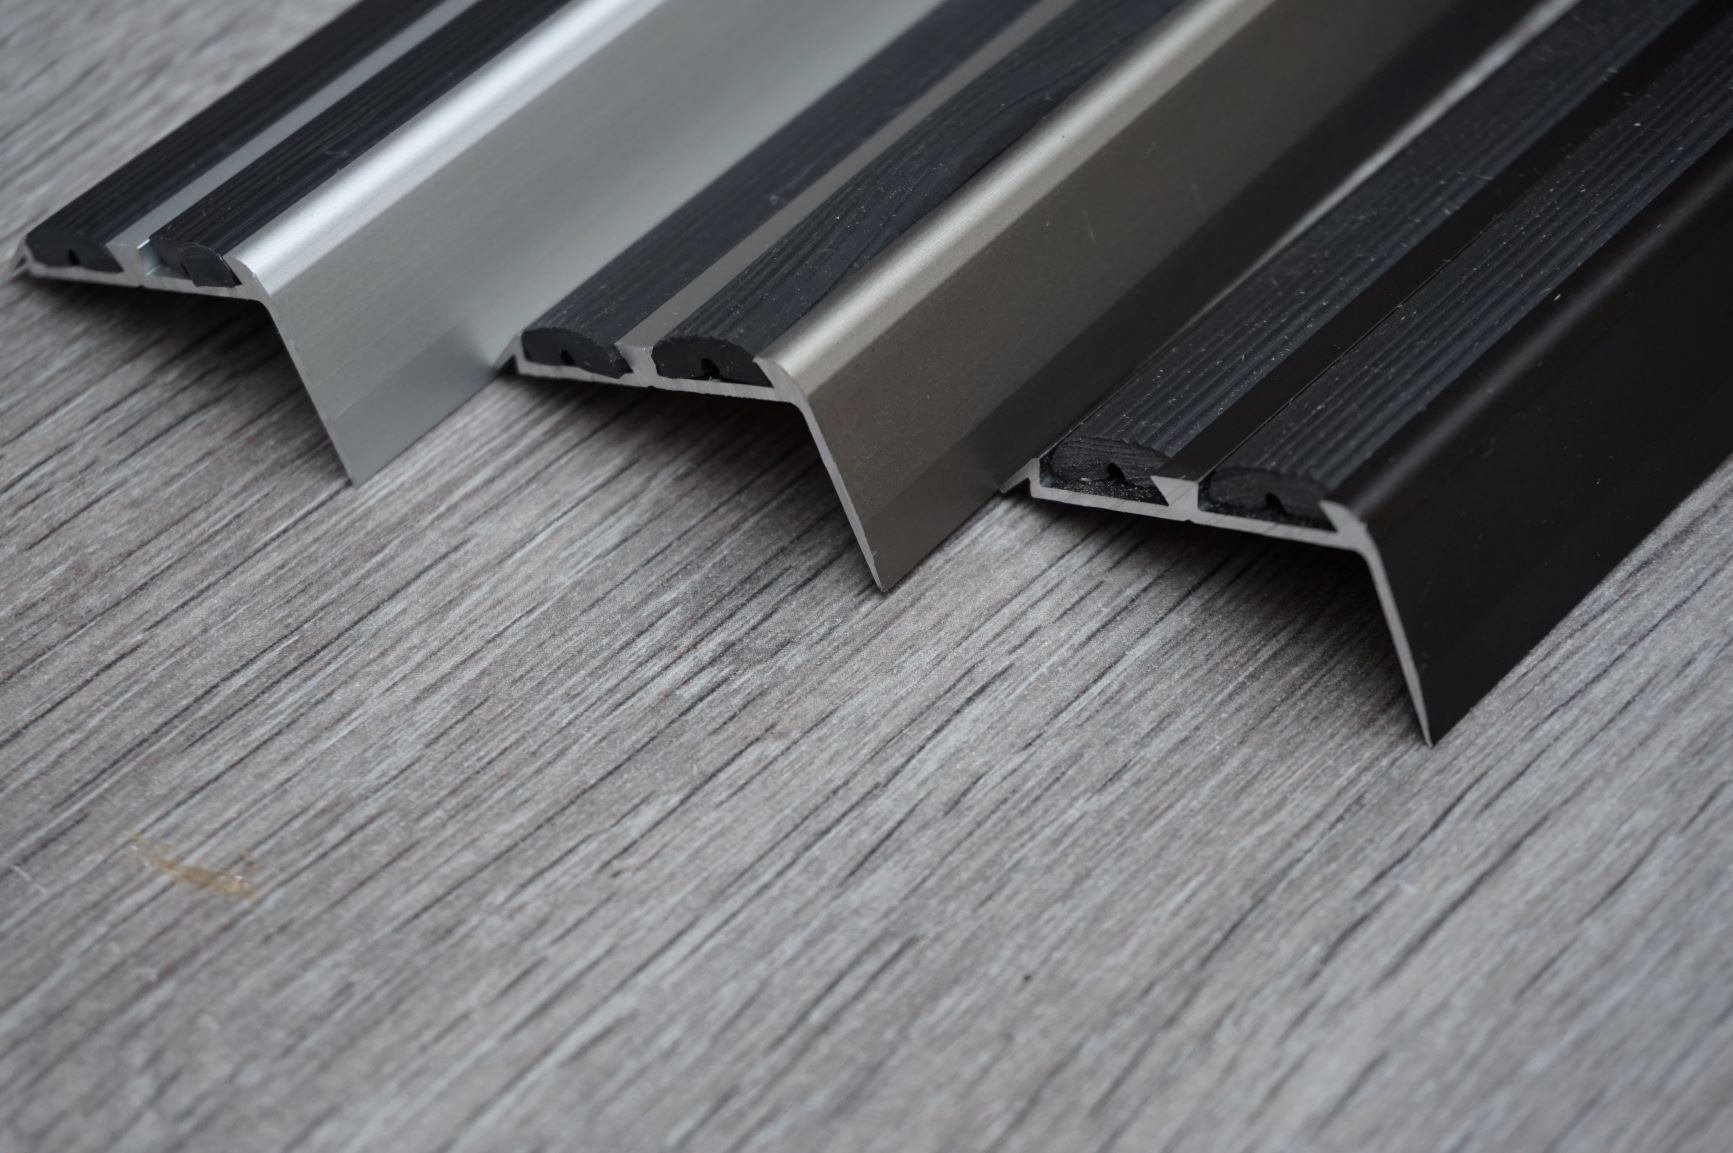 Dystrybucja profili aluminiowych do podłóg i schodów - uczciwe ceny